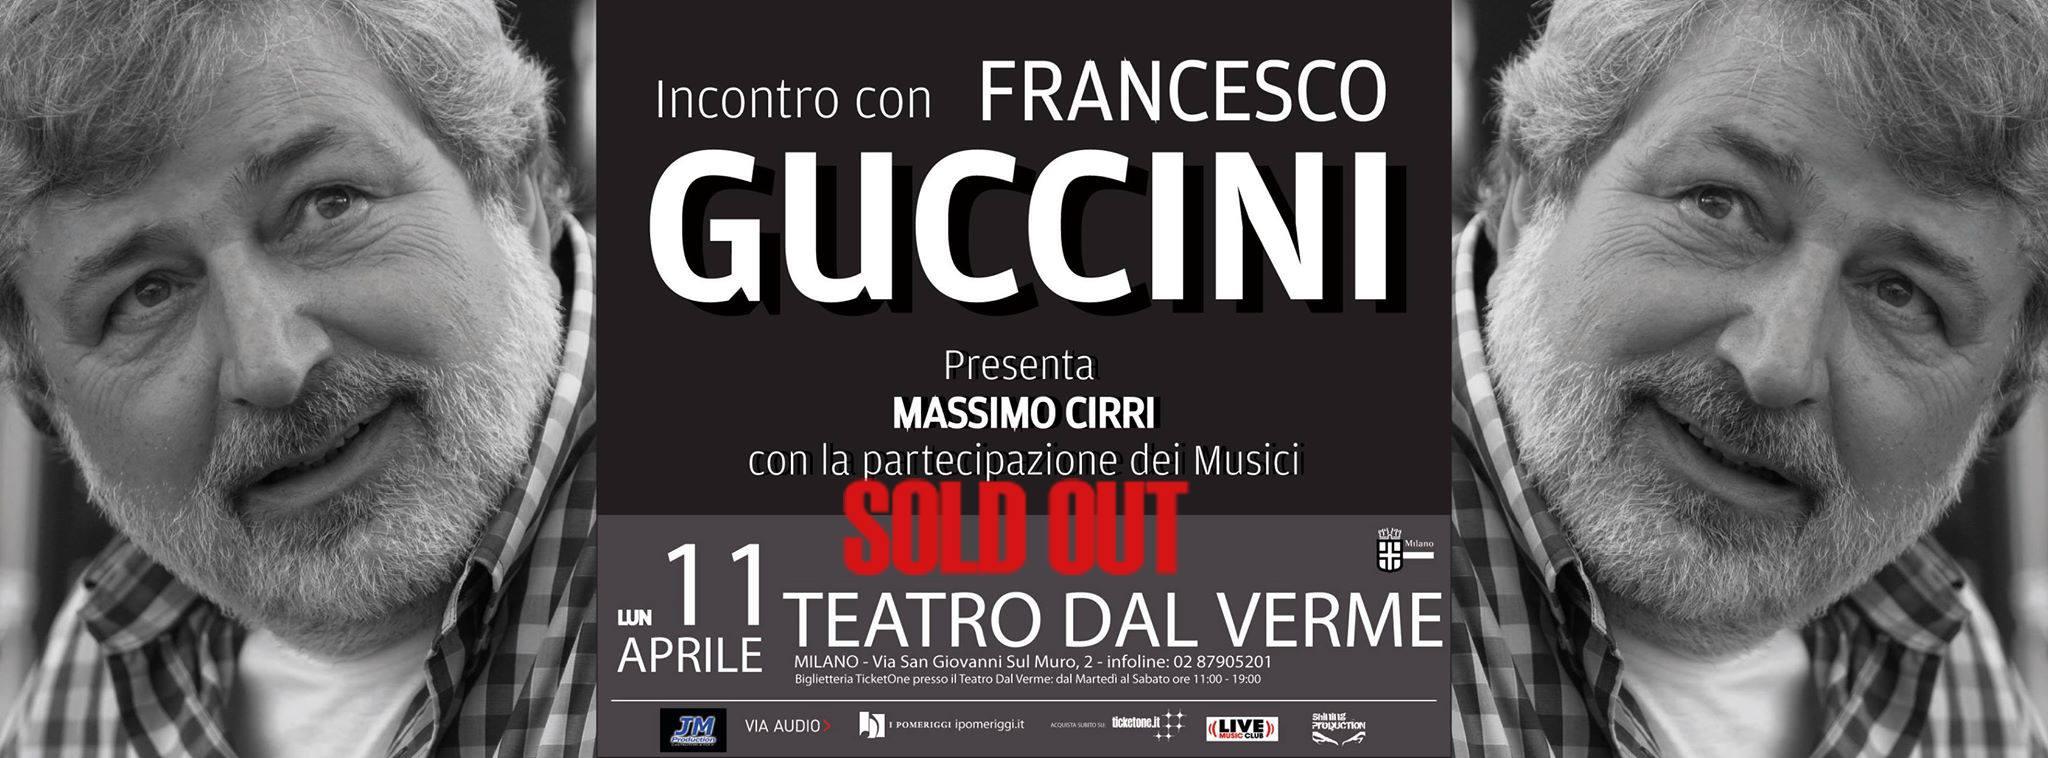 Incontro con Francesco Guccini